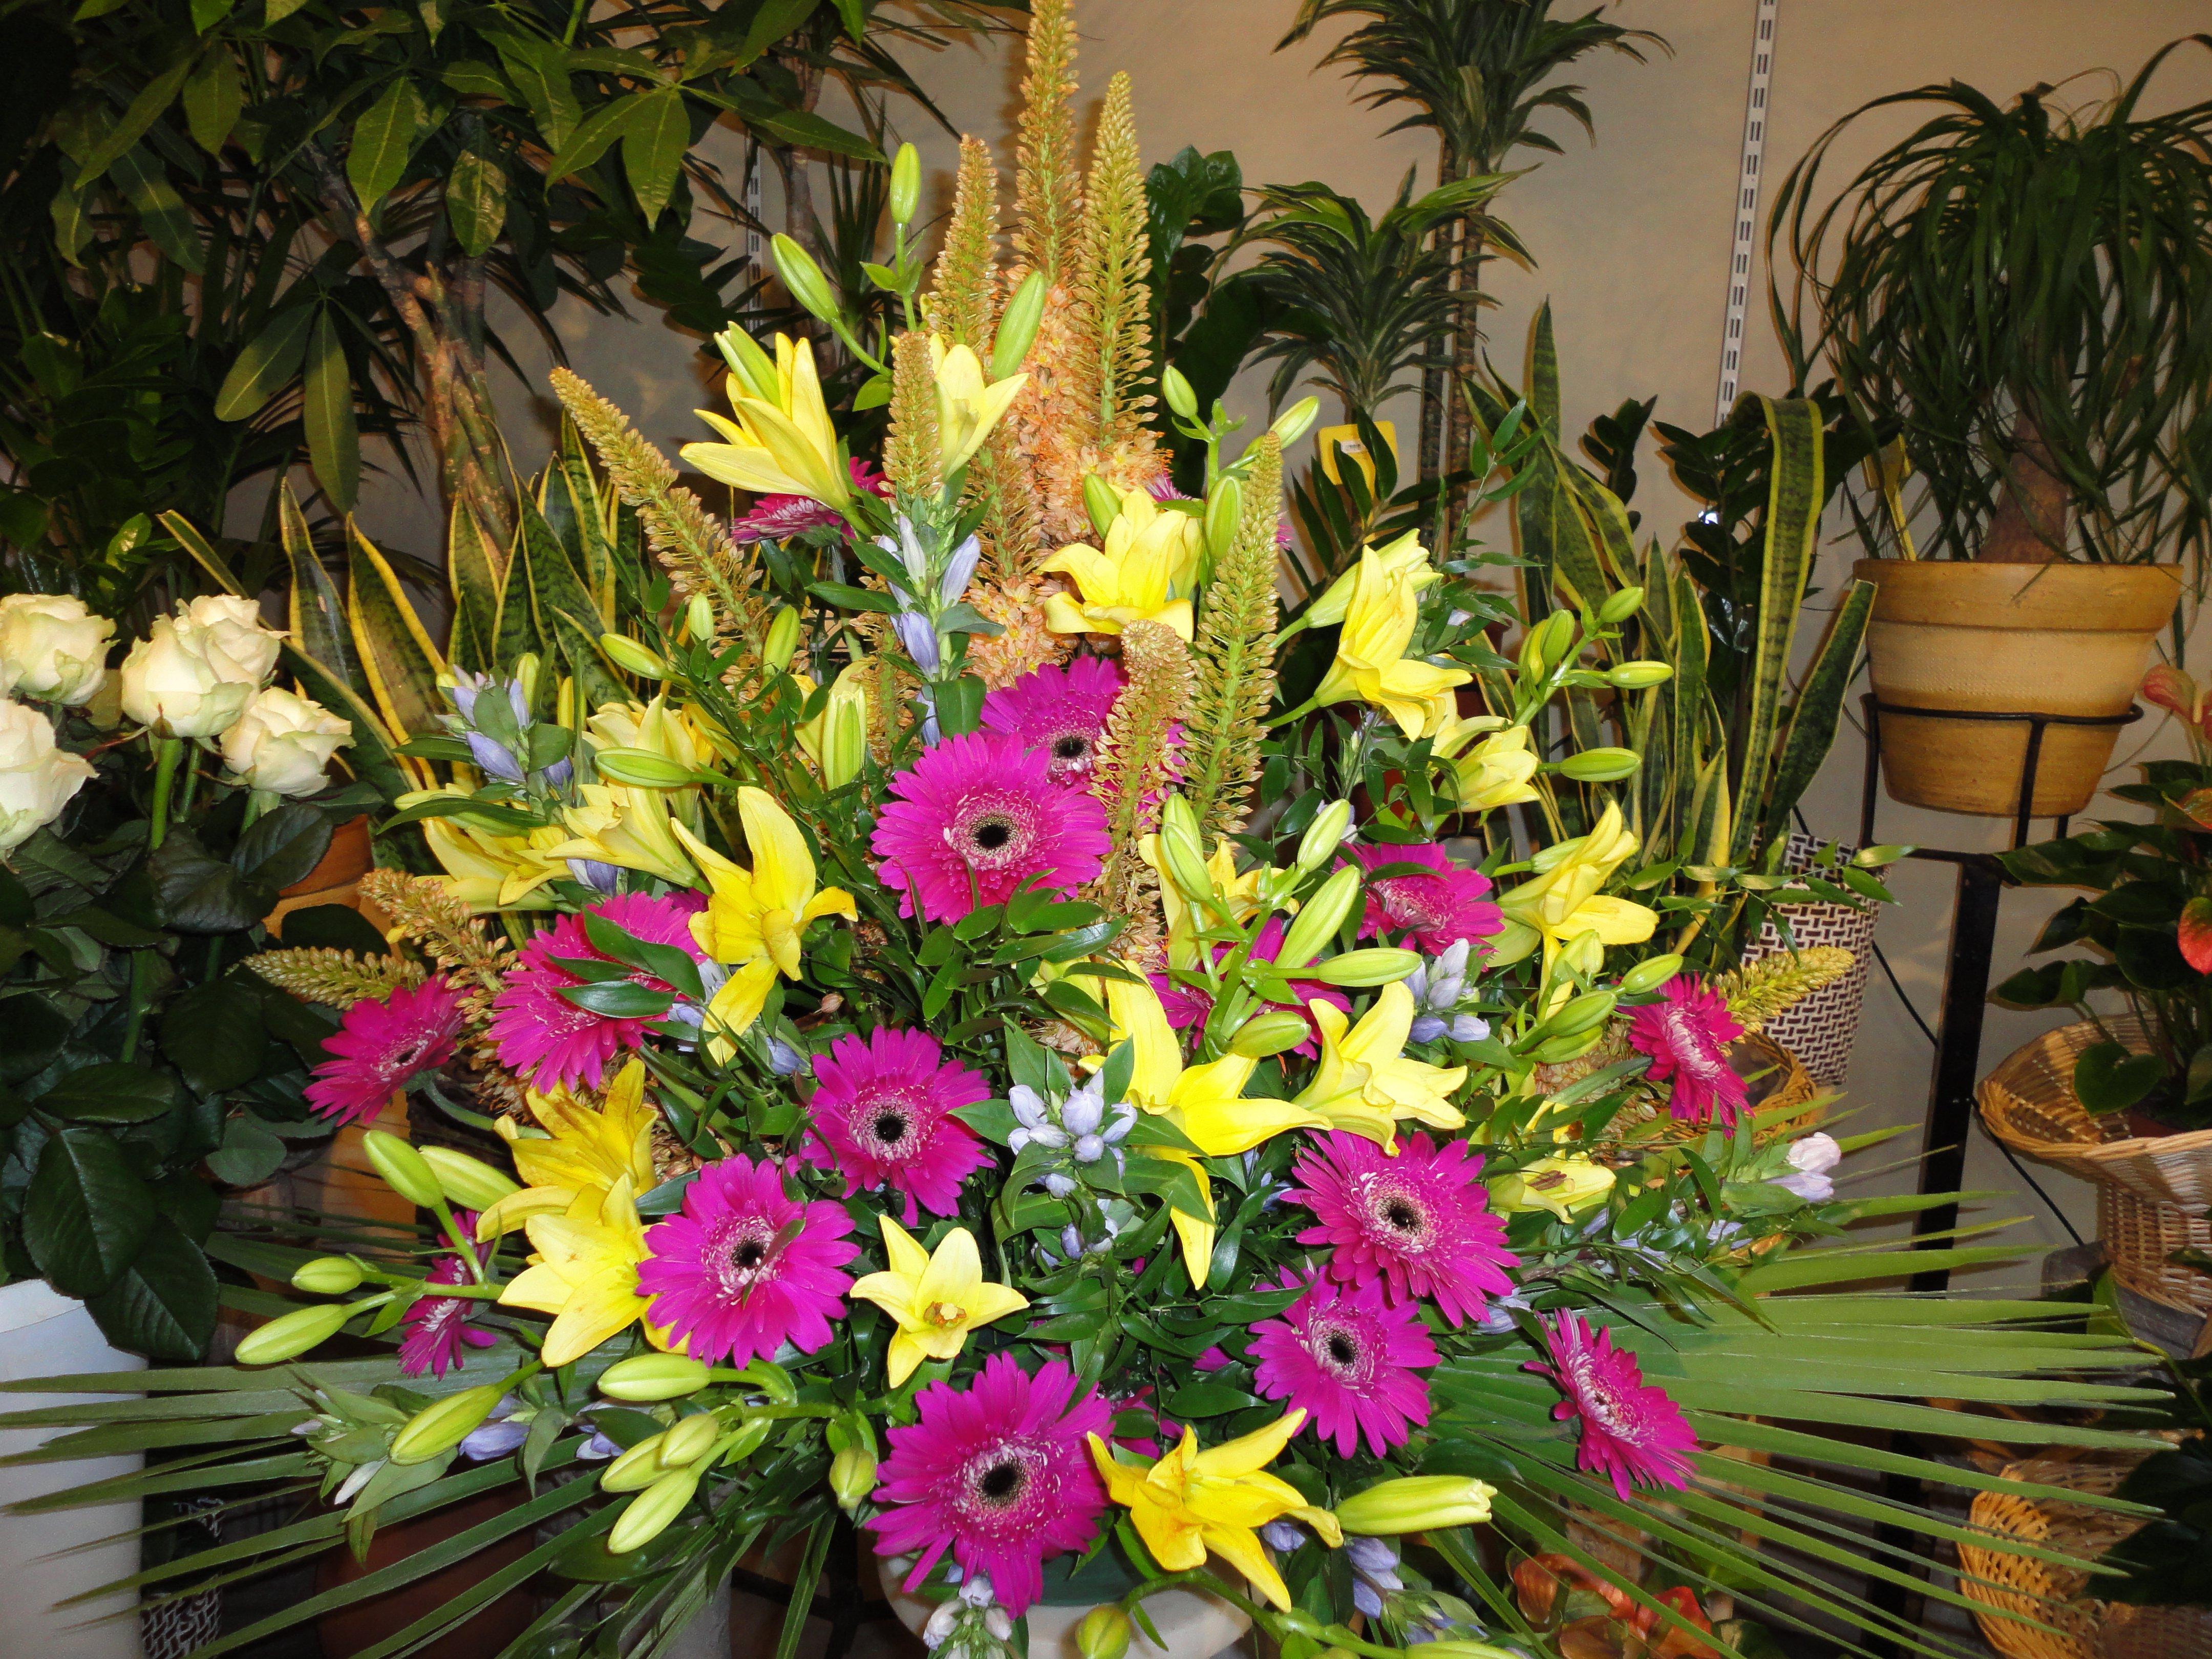 composizione di margherite viola e fiori gialli